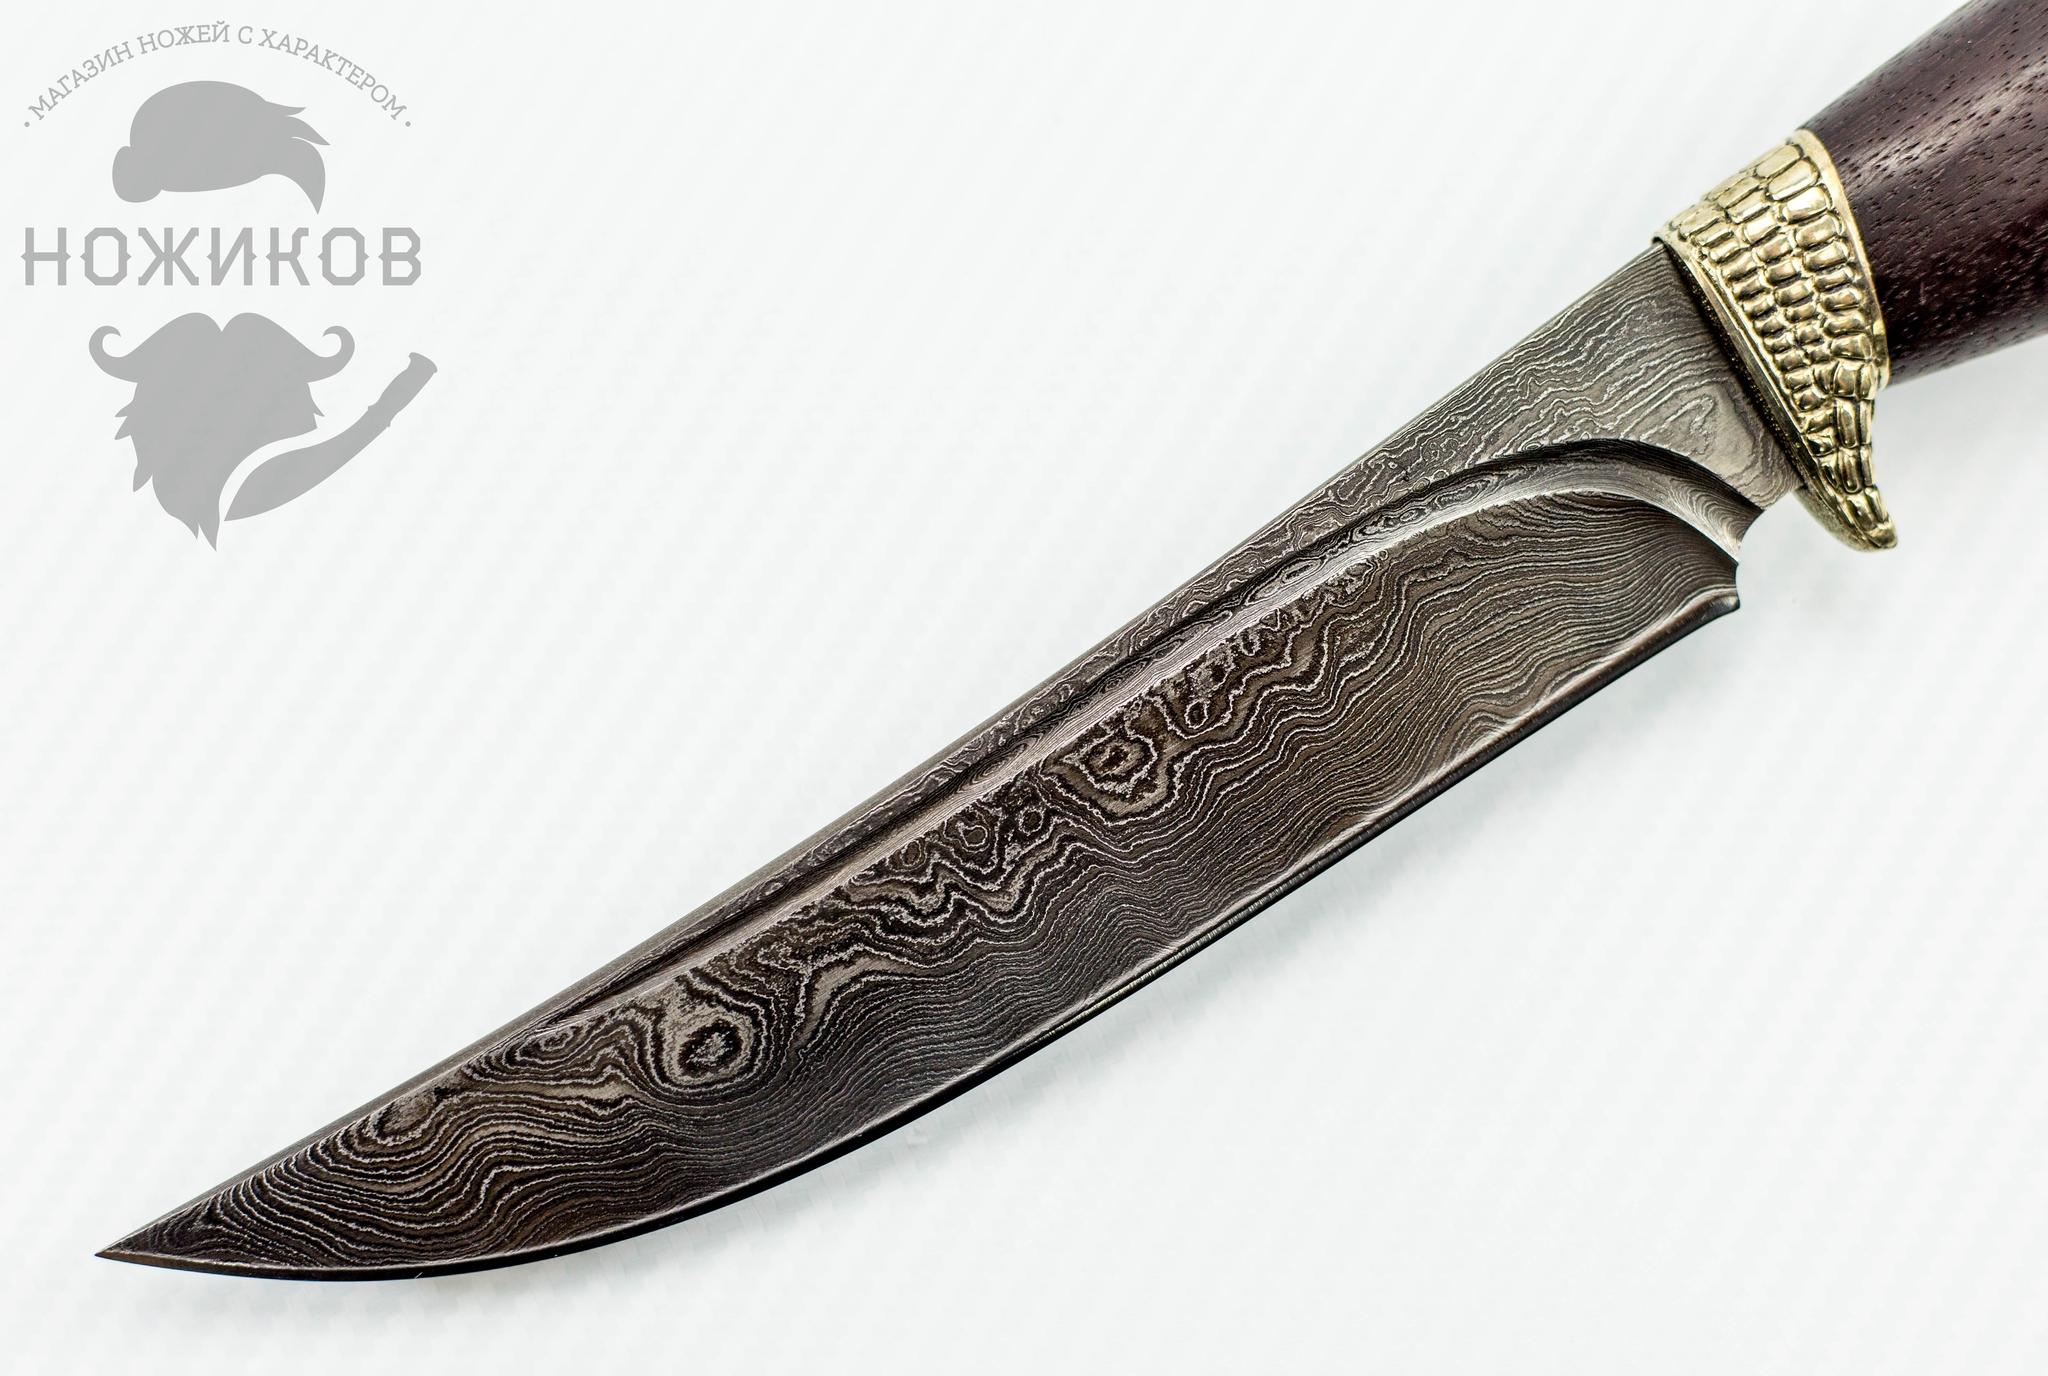 Фото 2 - Авторский Нож из Дамаска №66, Кизляр